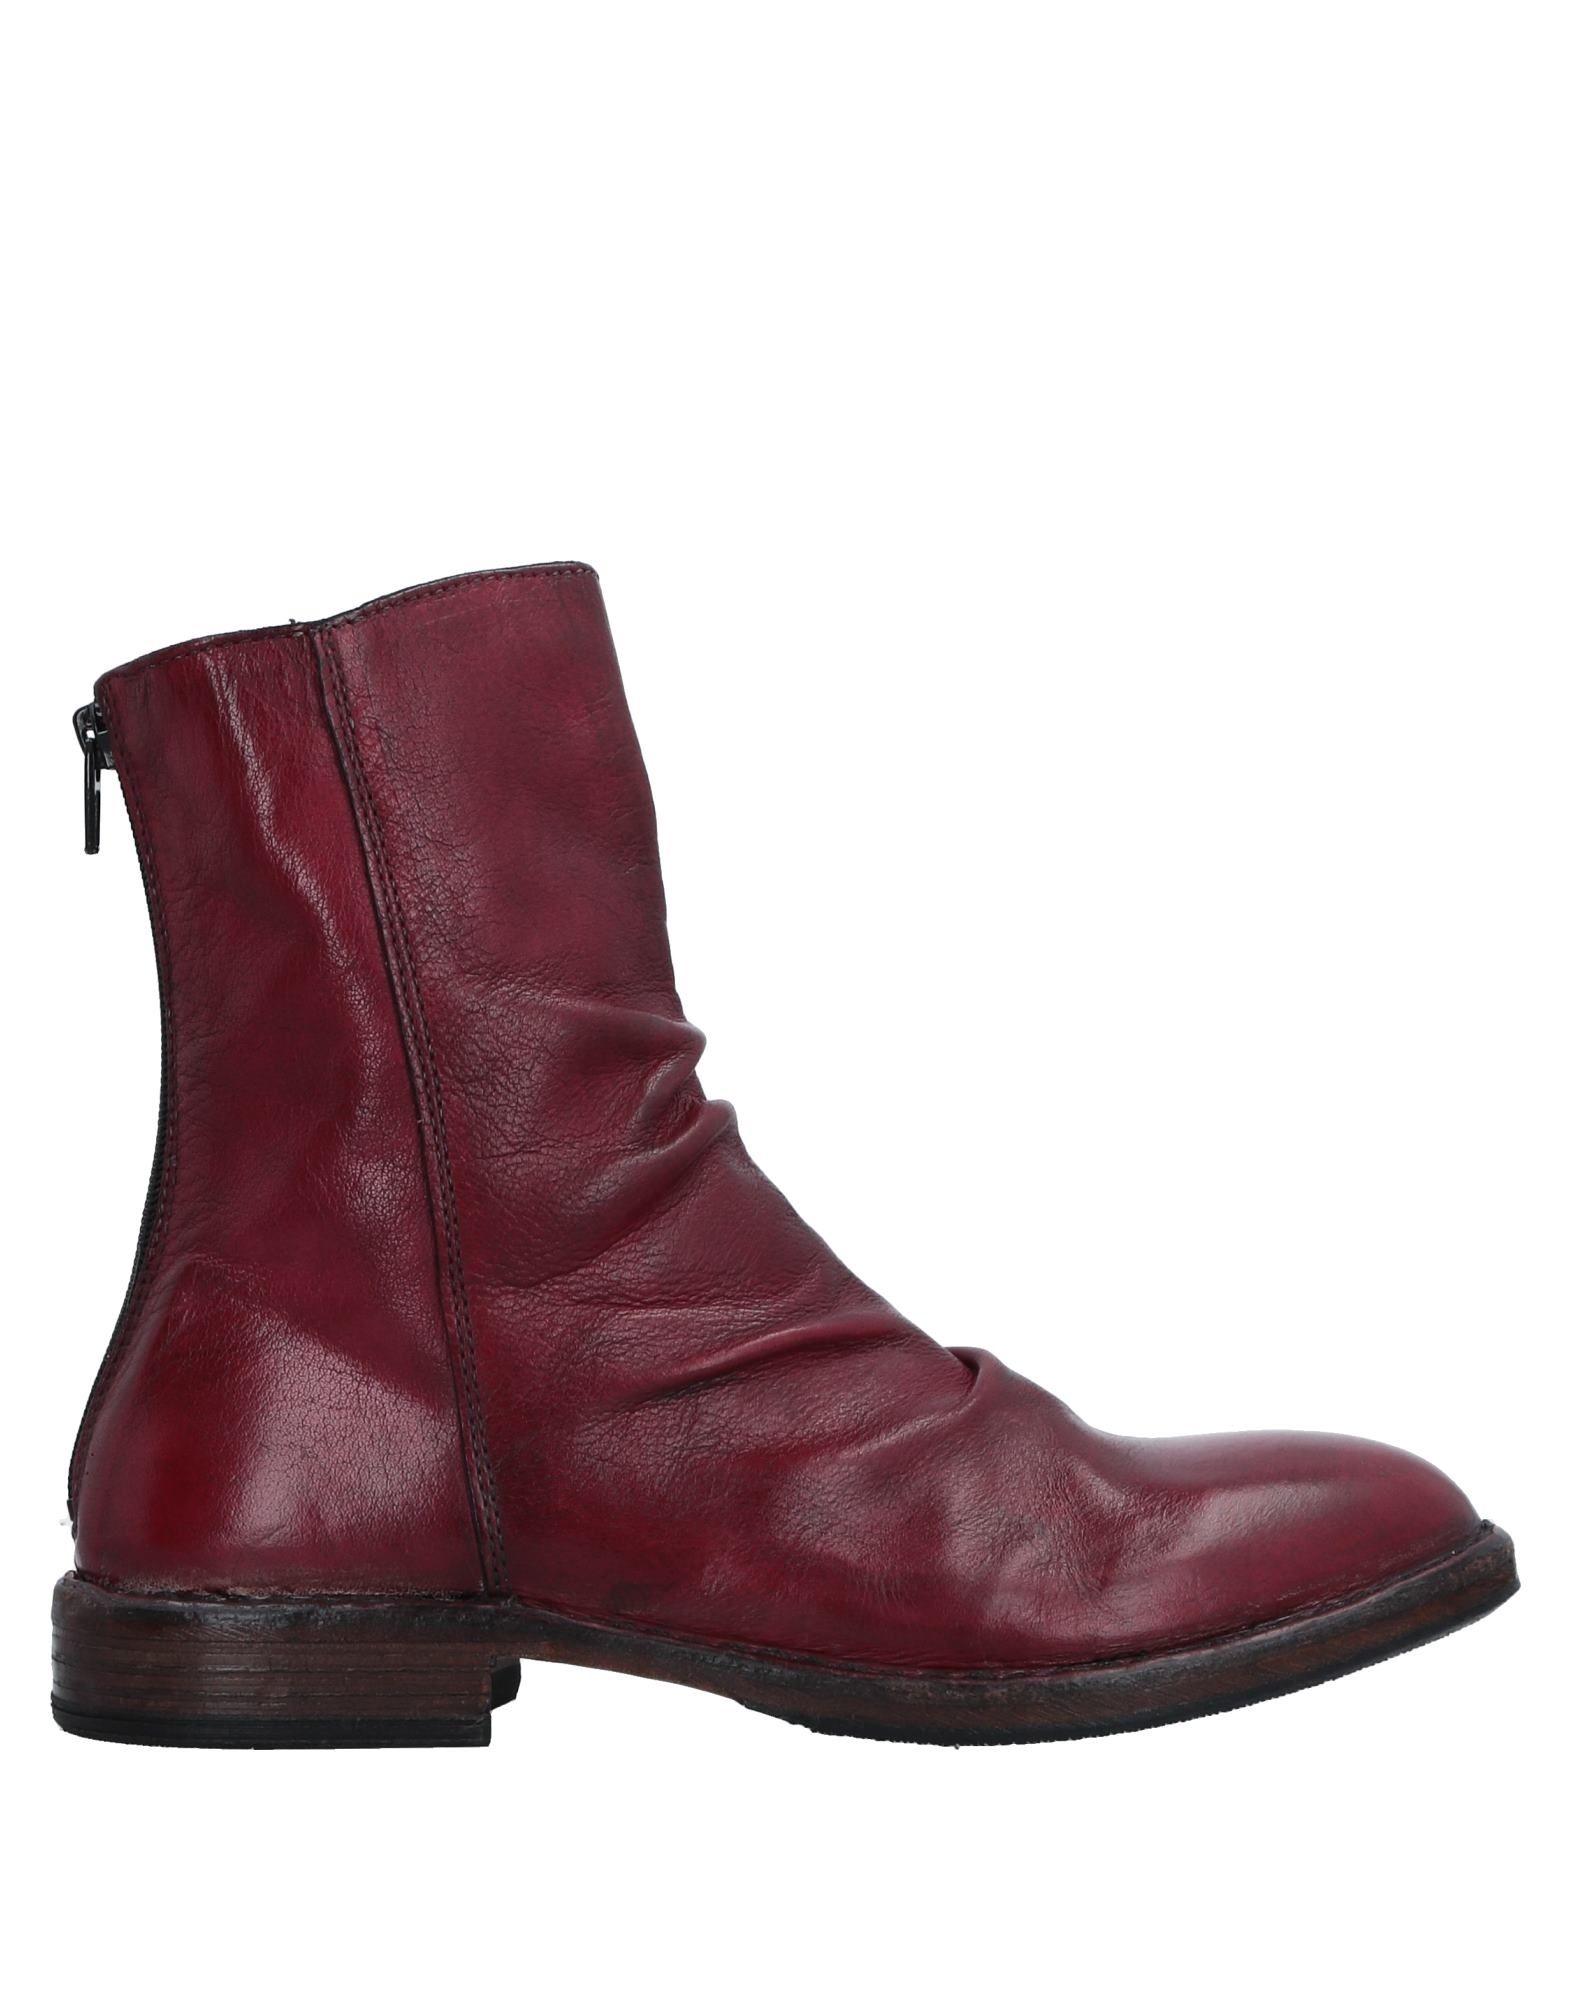 Sneakers Hogan Donna - 11415439KO Scarpe economiche e buone